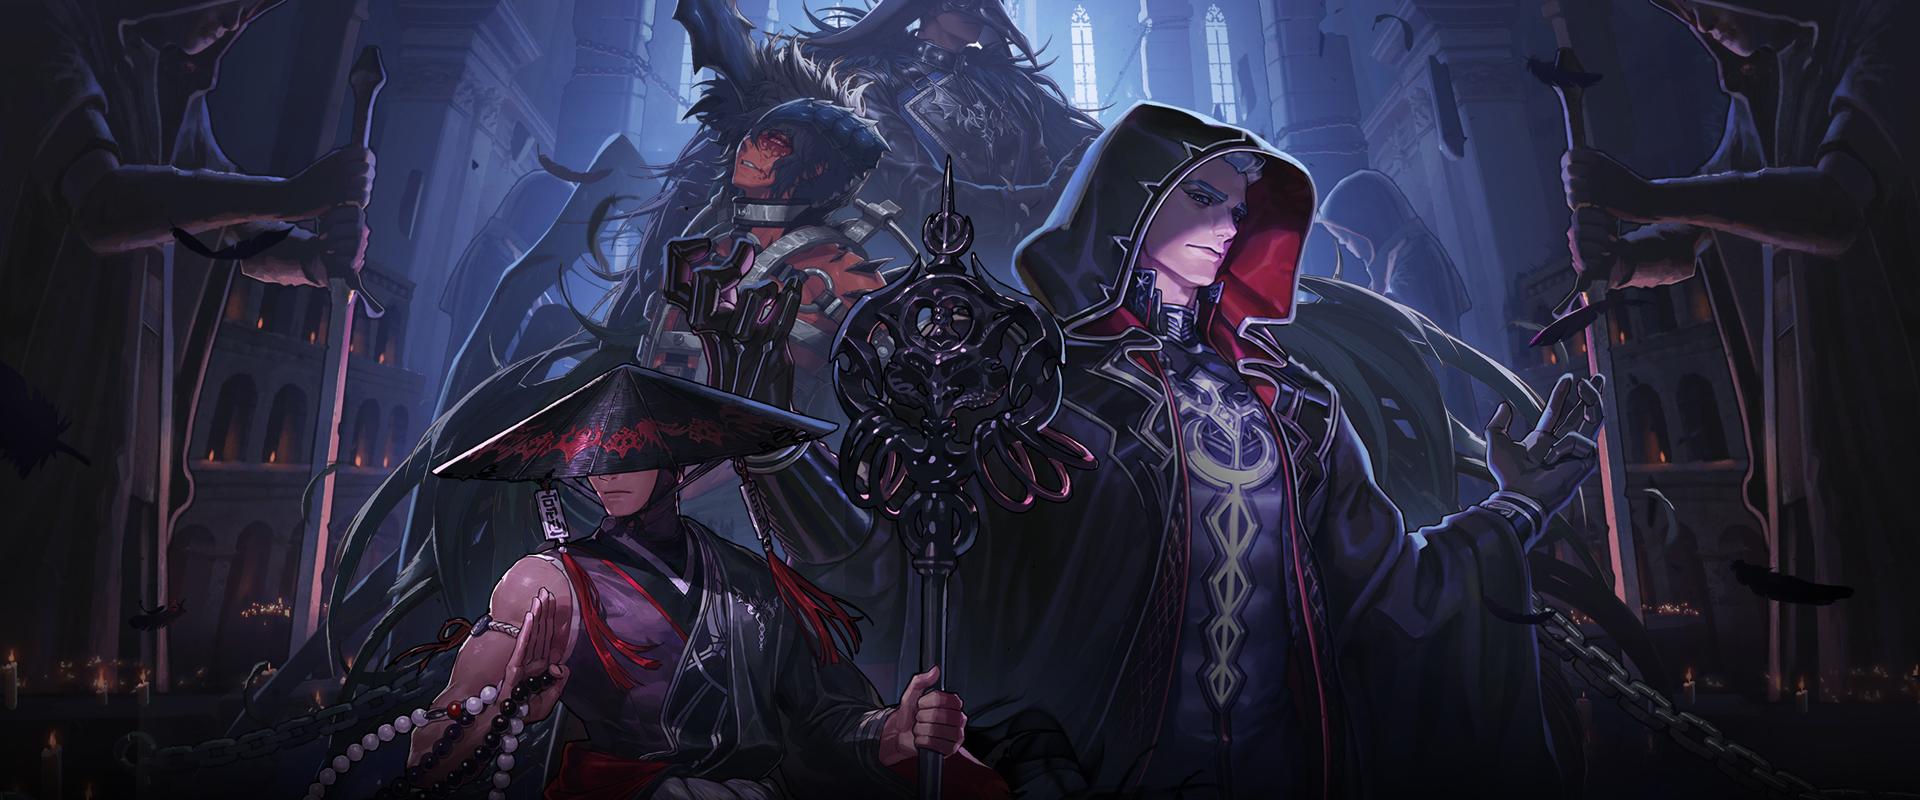 Dungeon Fighter Online artwork